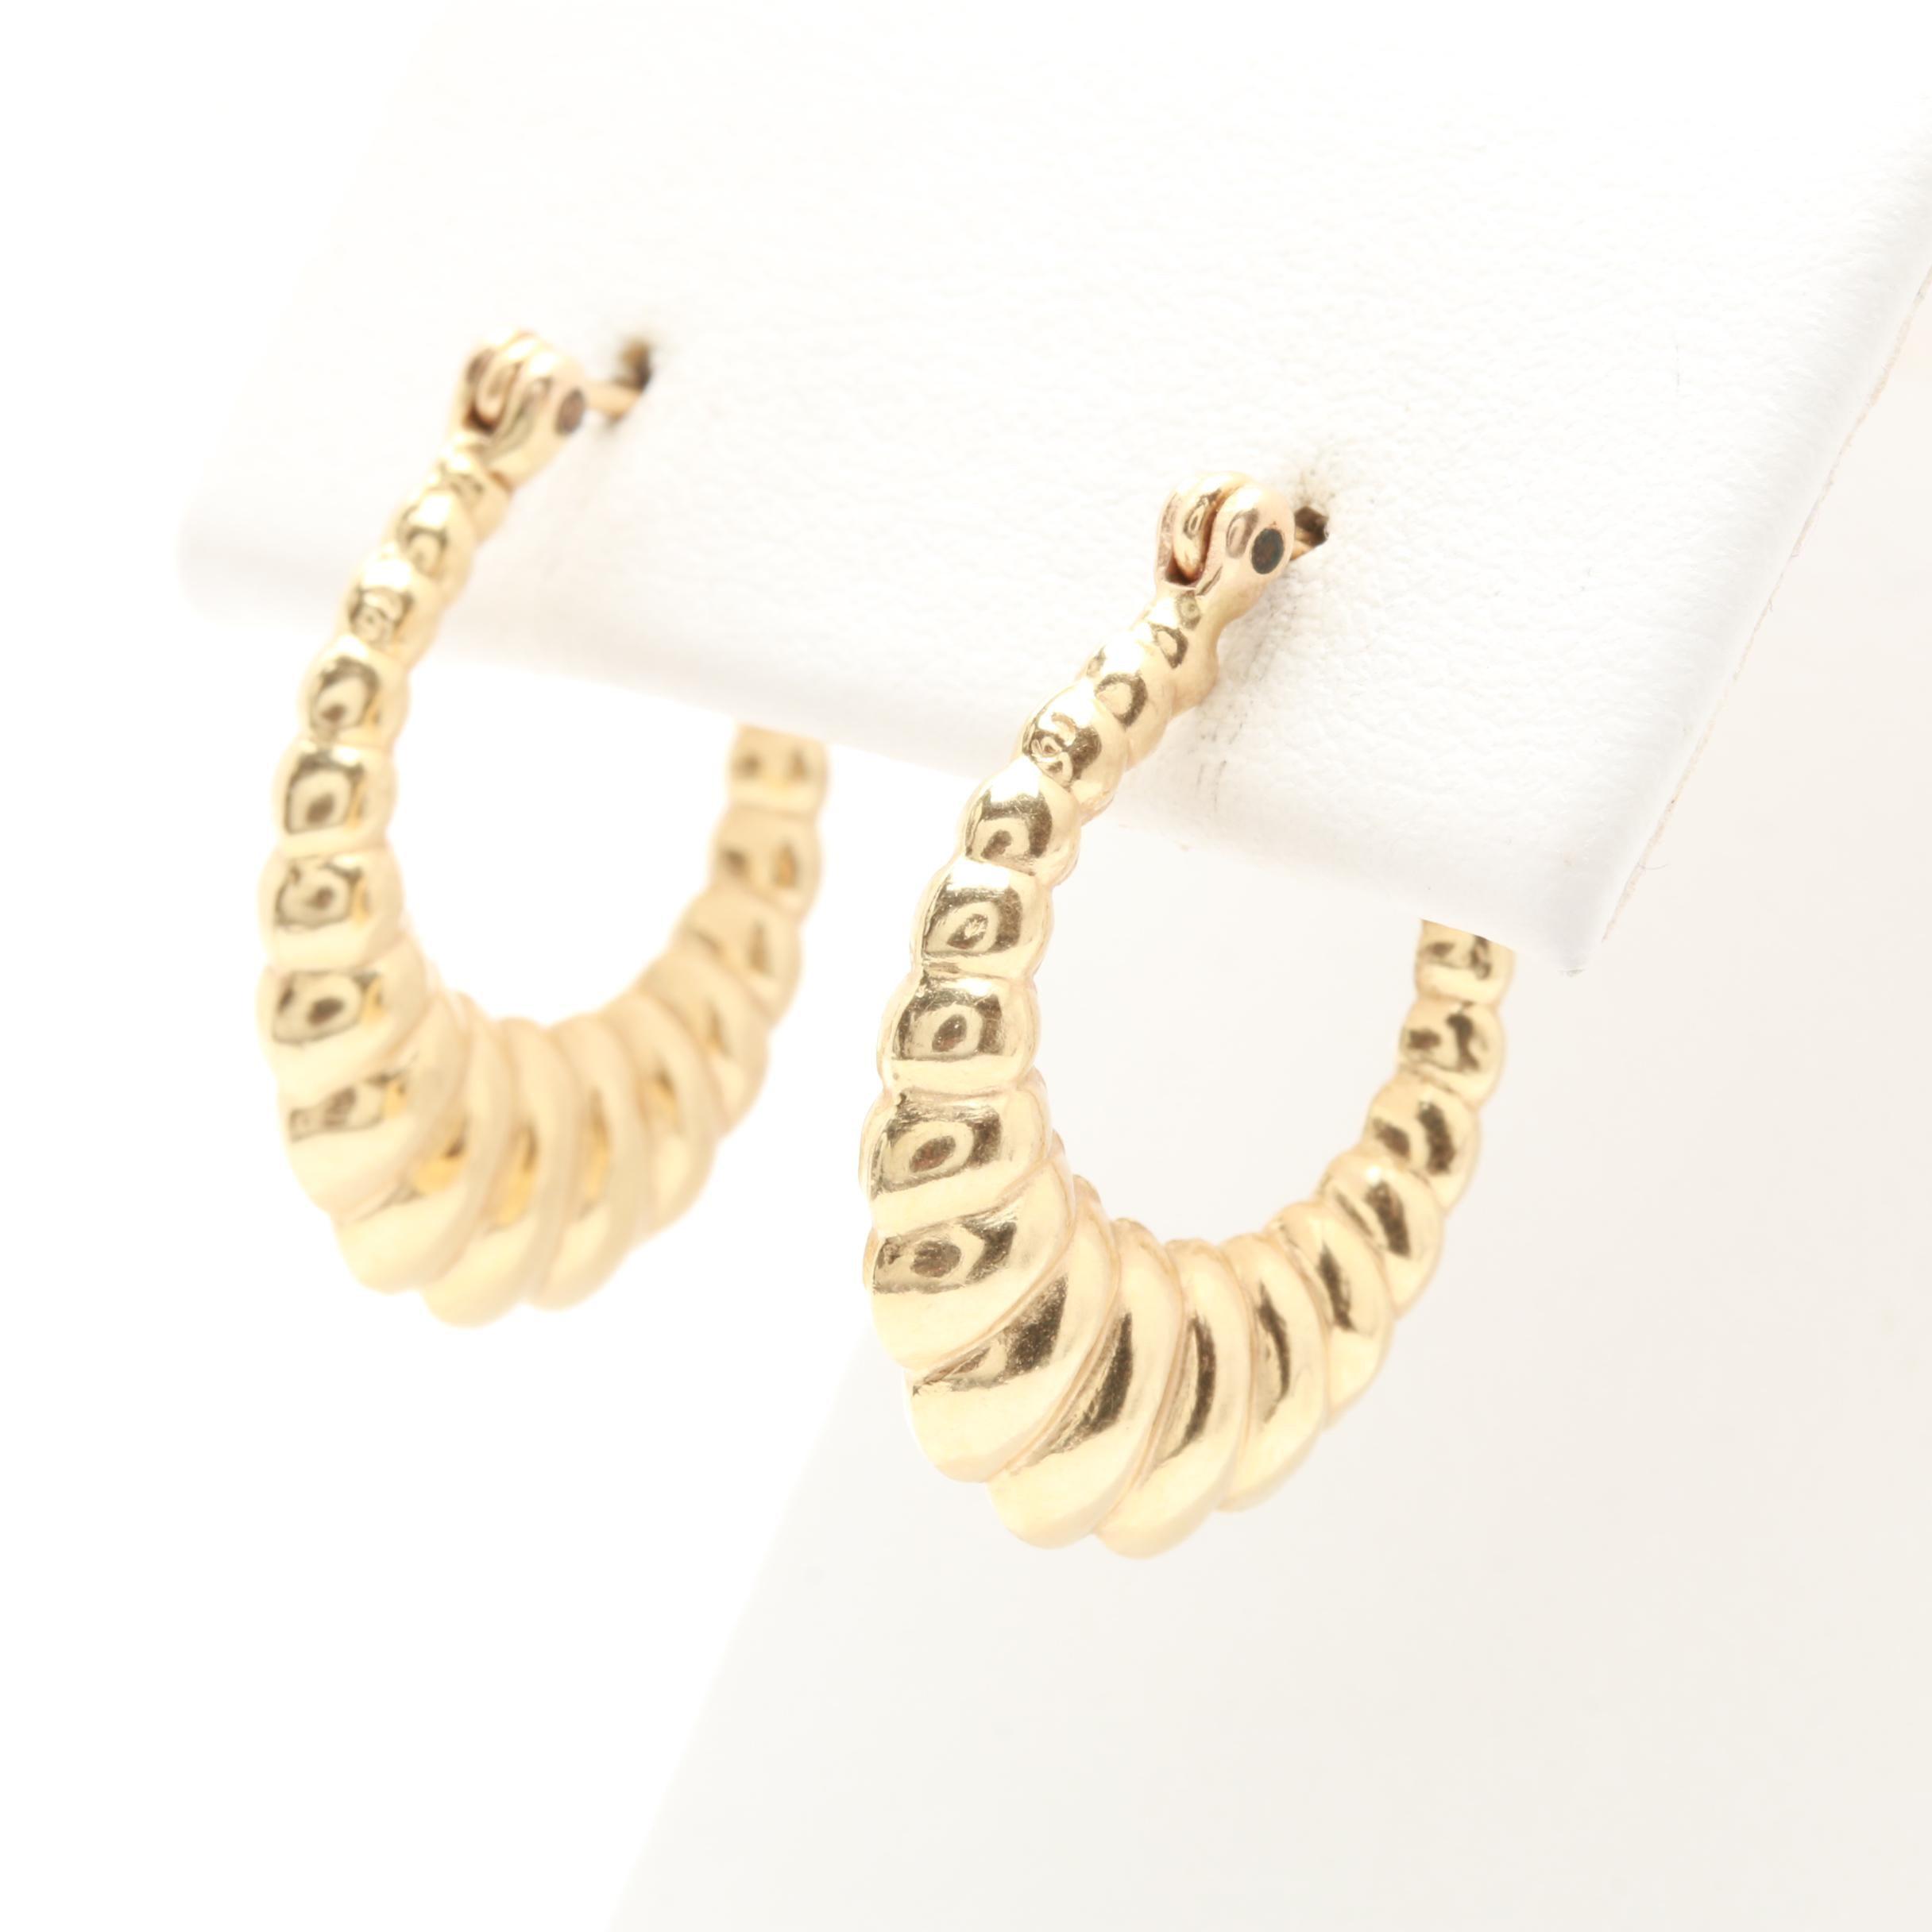 14K Yellow Gold Saddle Hoop Earrings